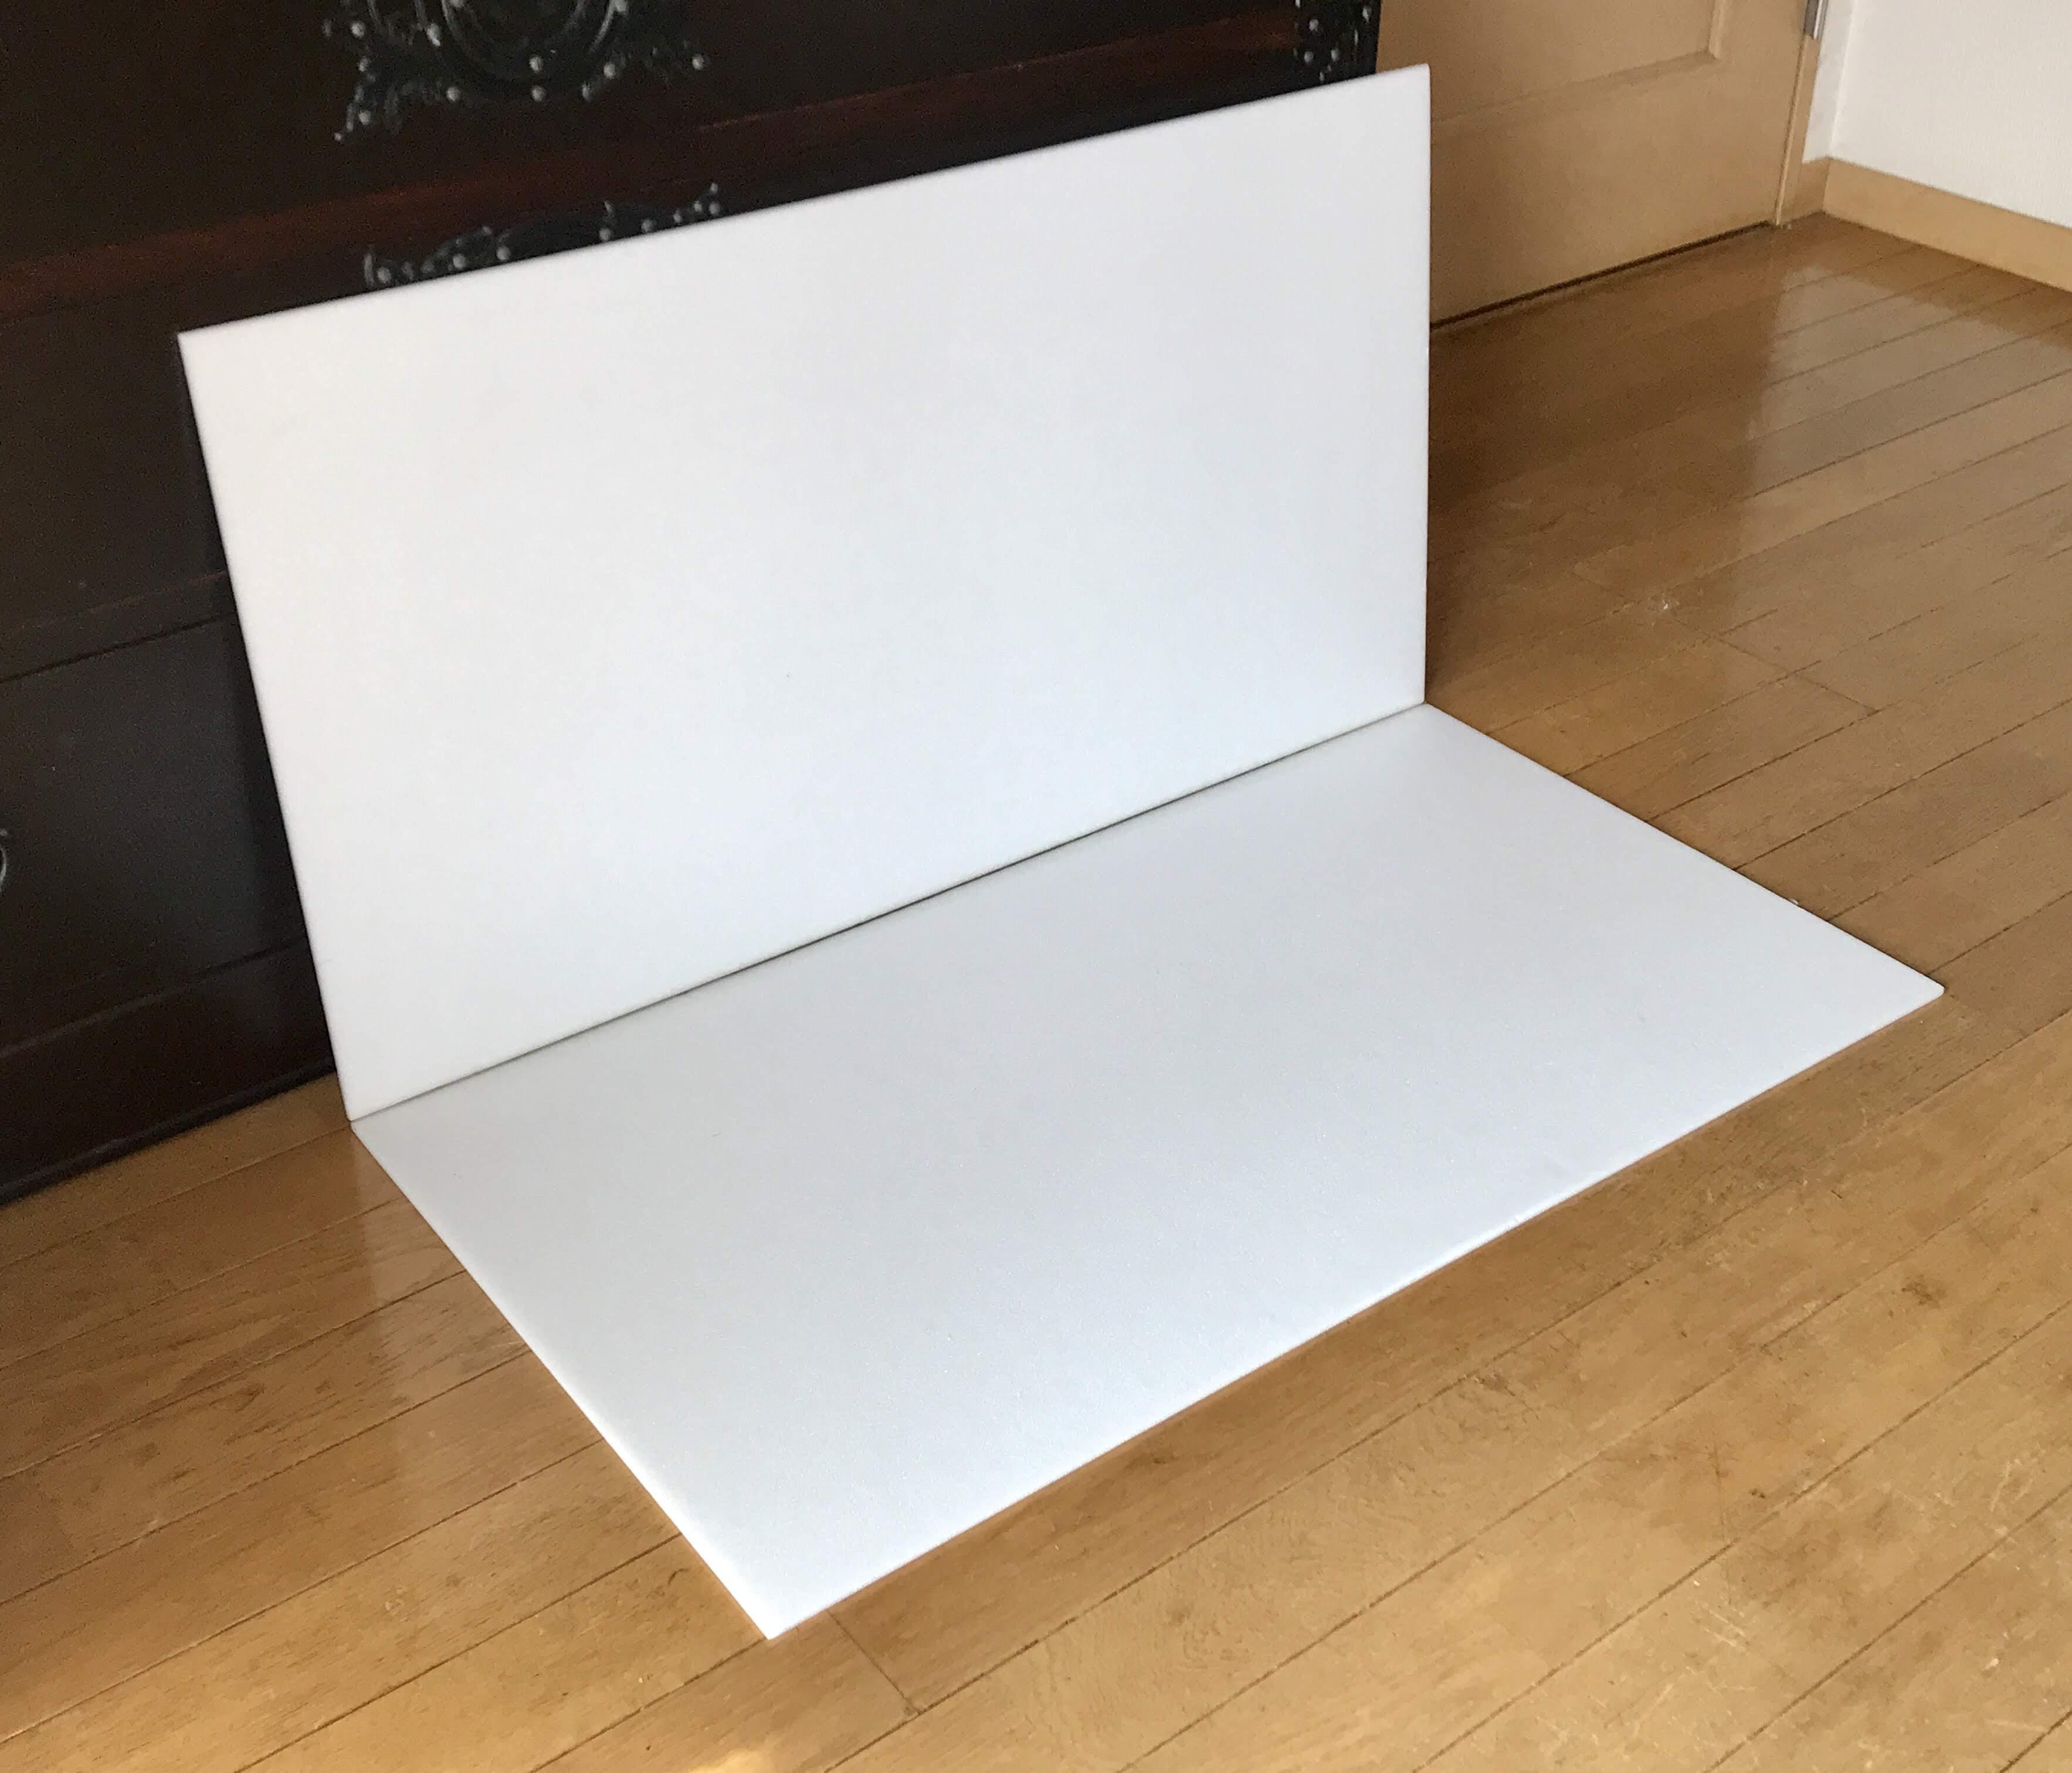 スチレンボード2枚組みパネルを背景